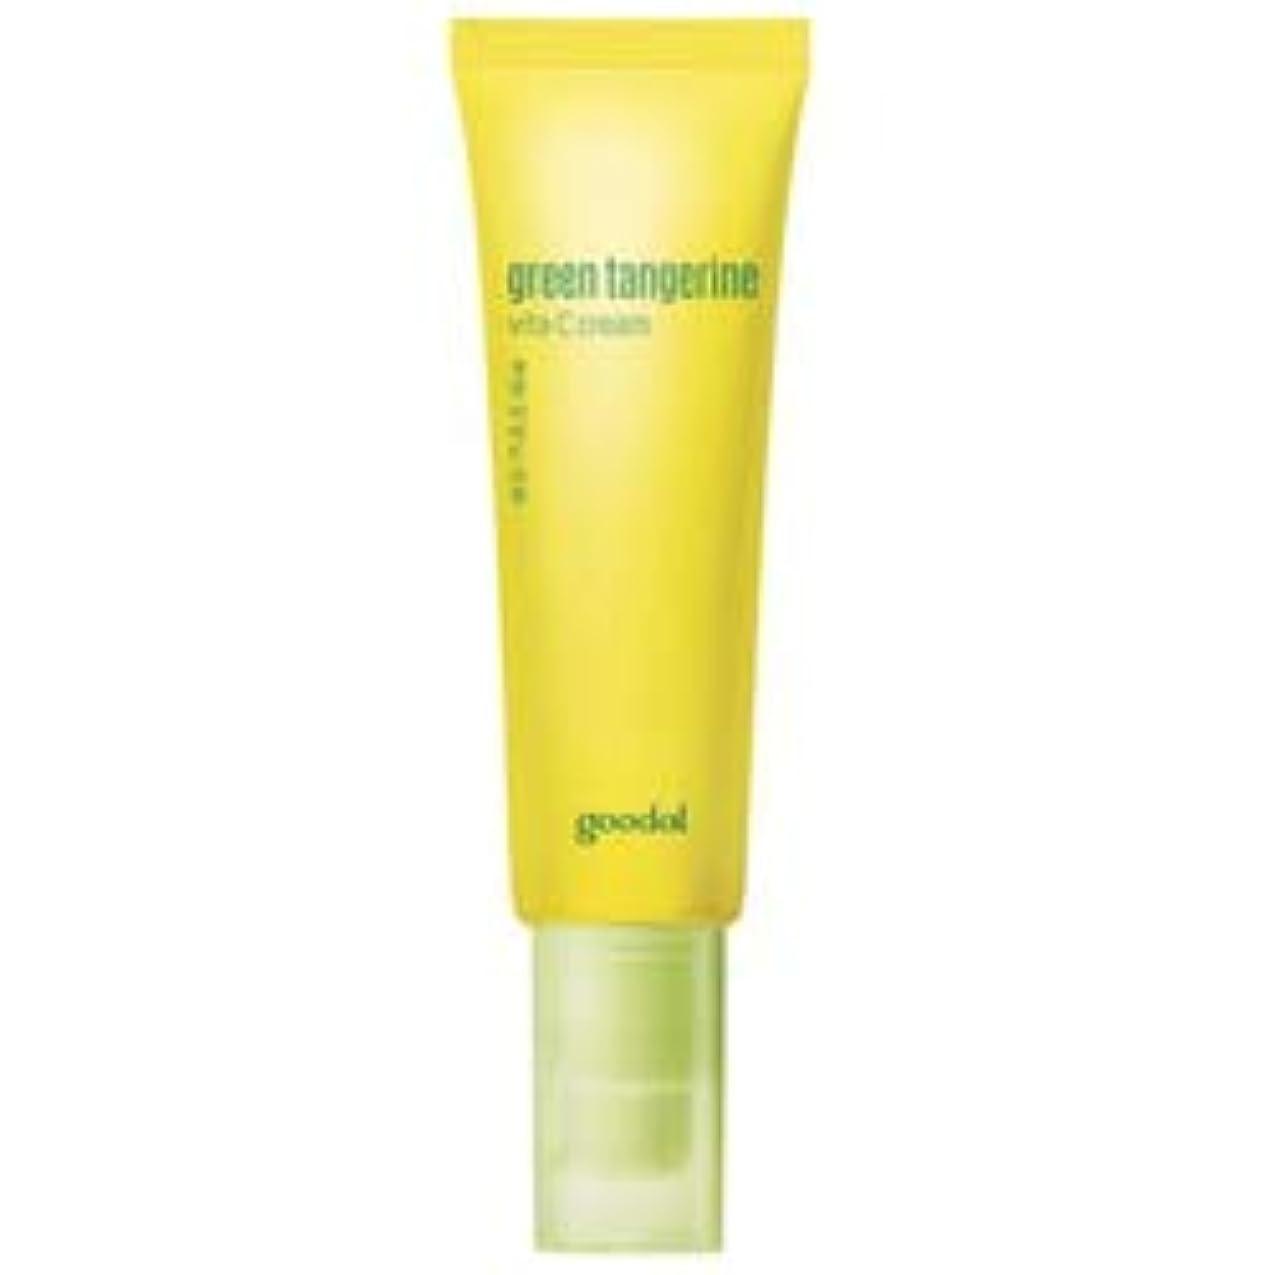 ステートメント失礼小石[goodal] Green Tangerine Vita C cream 50ml / [グーダル]タンジェリン ビタC クリーム 50ml [並行輸入品]